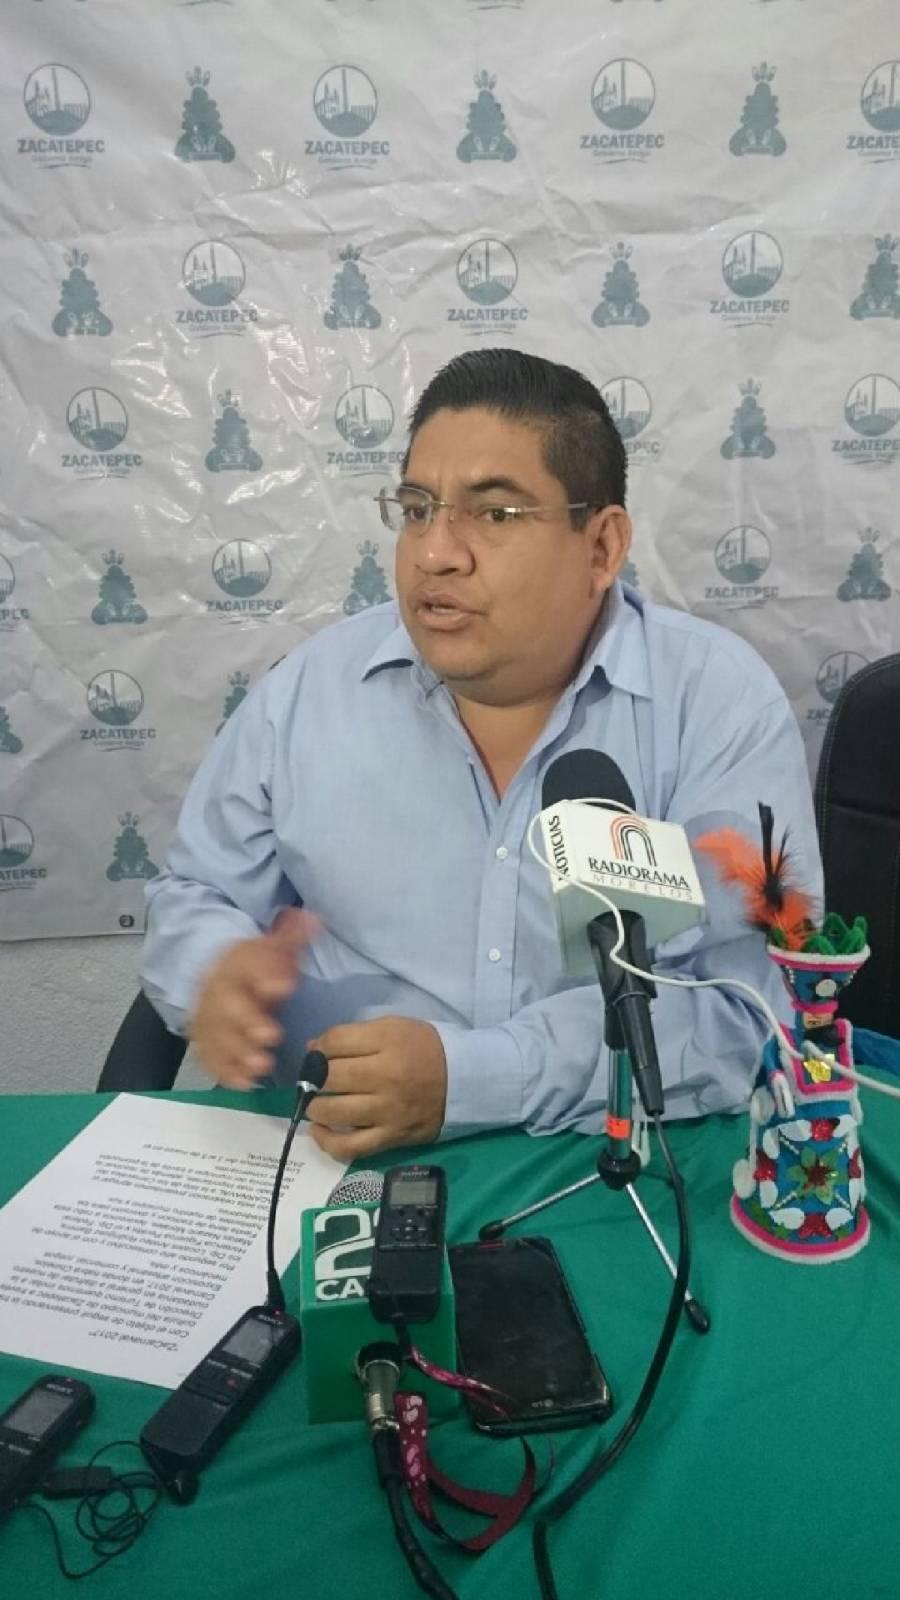 Detenido por corrupción ex alcalde de Zacatepec